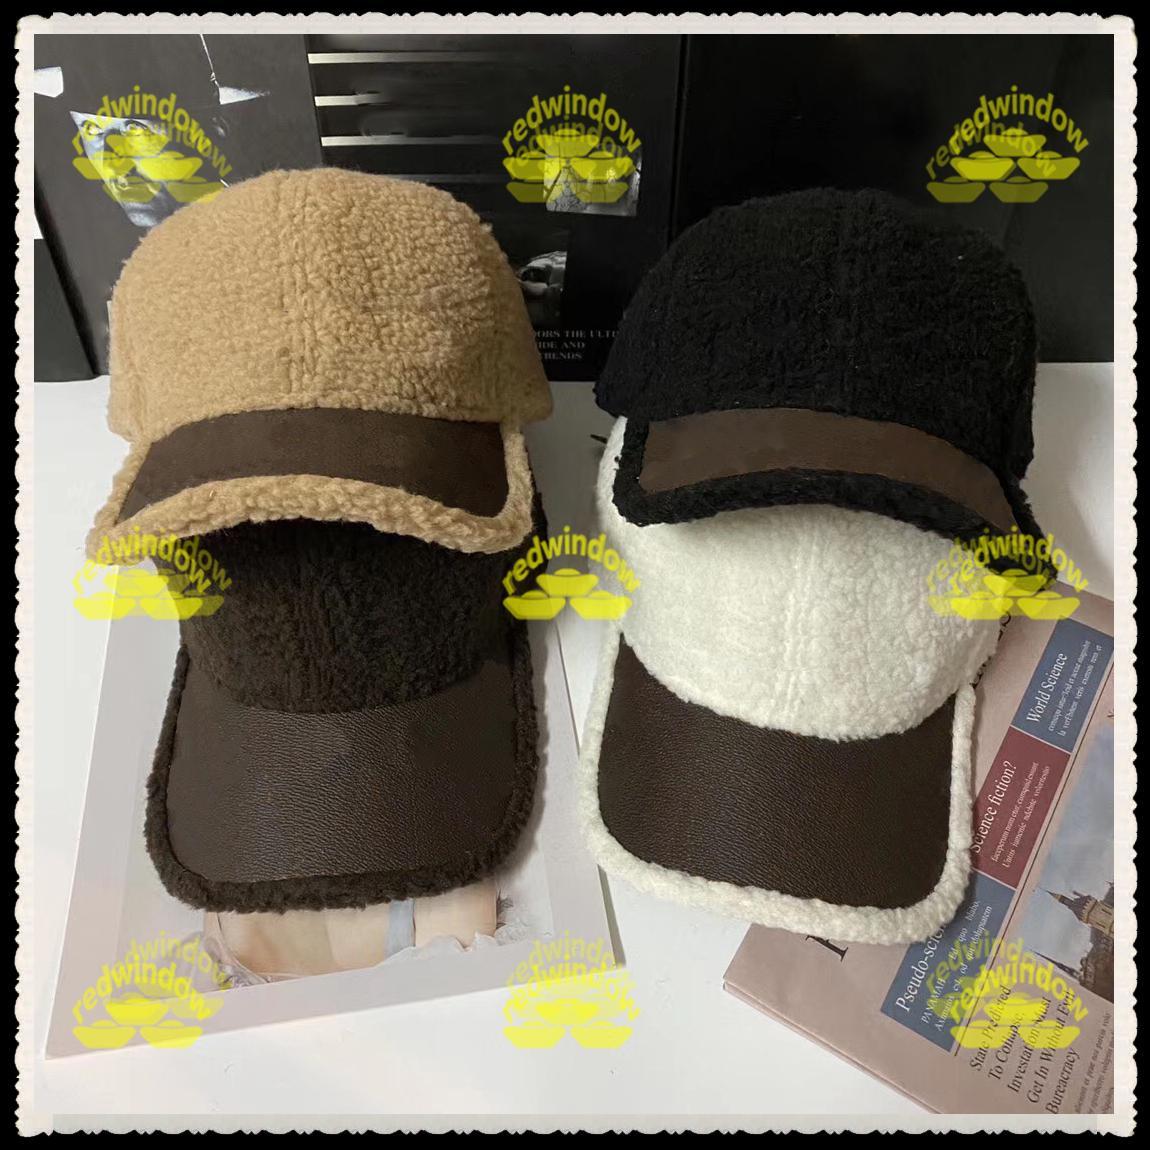 Moda Tasarımcılar Kapaklar Şapka Erkek Gökte Beyzbol Şapkası Joker Hareketi Atıkları Karşı Casquette Şapka Gelgit Şapkalar Hiçbir Kadın Kutusu 21030801xs-L